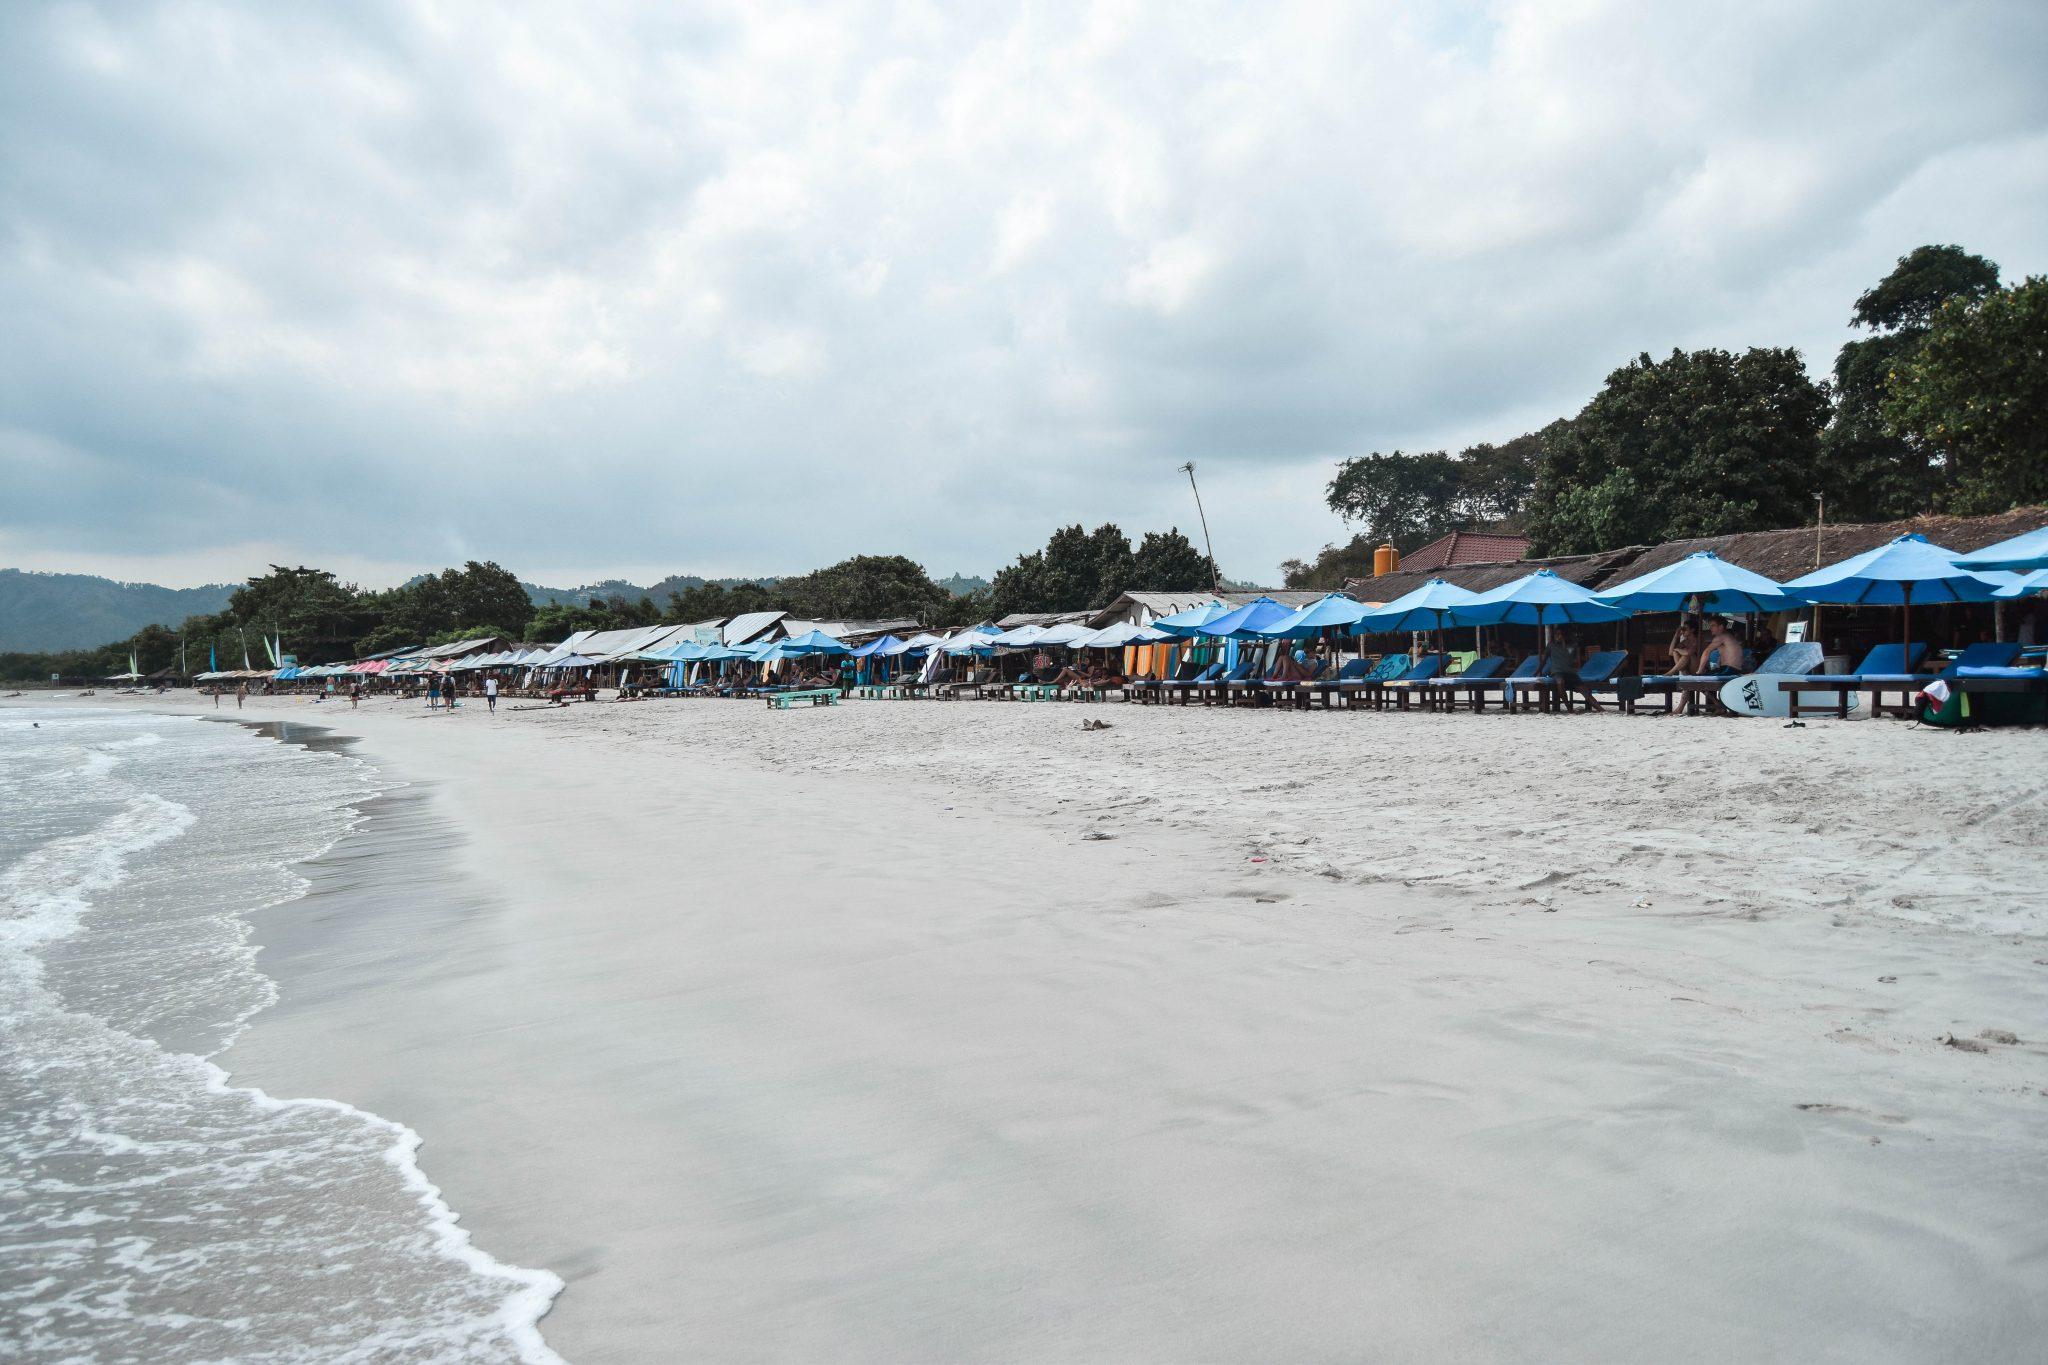 Wanderers & Warriors - Selong Belanak Beach Lombok Surfing - Learn To Surf In Lombok